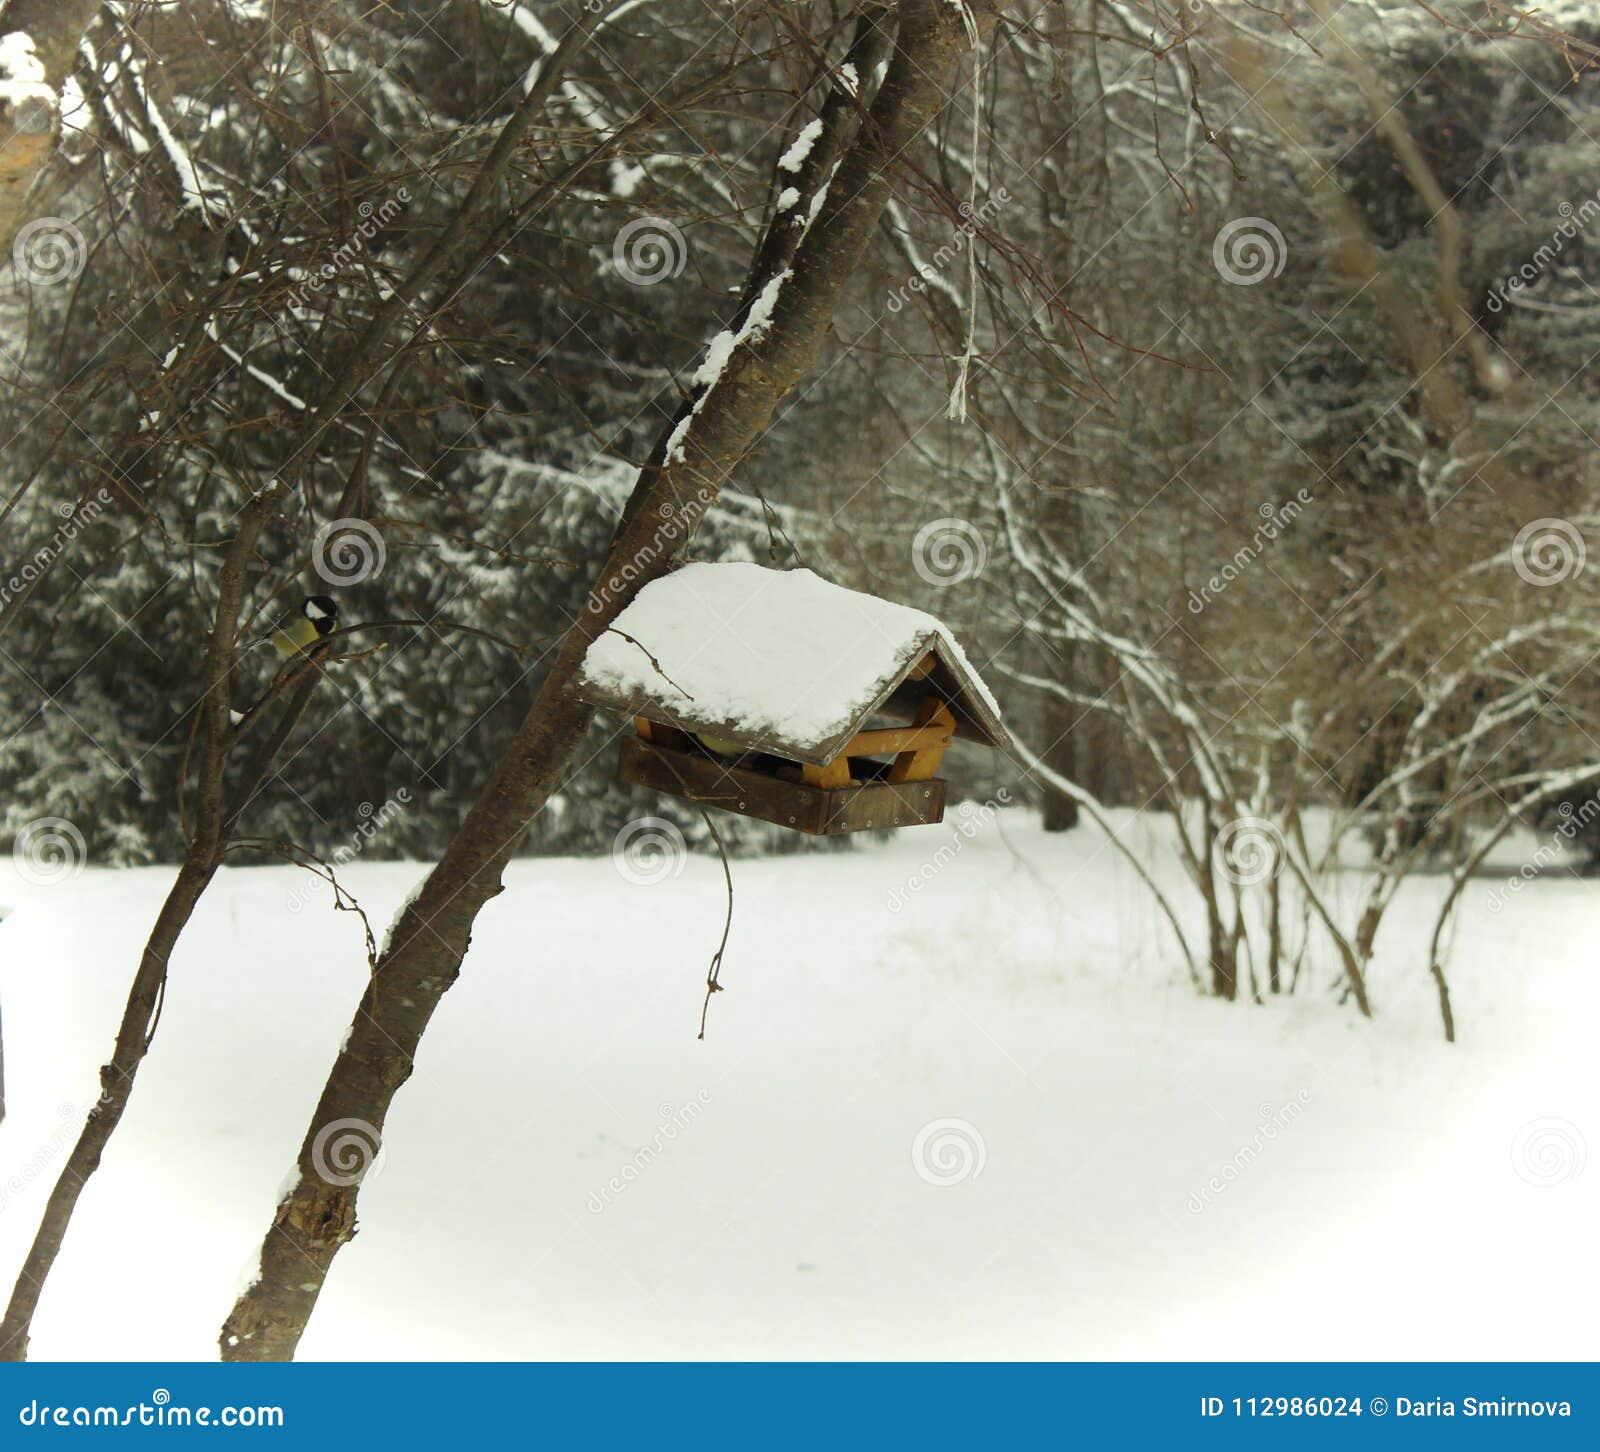 A lovely little house for a little bird